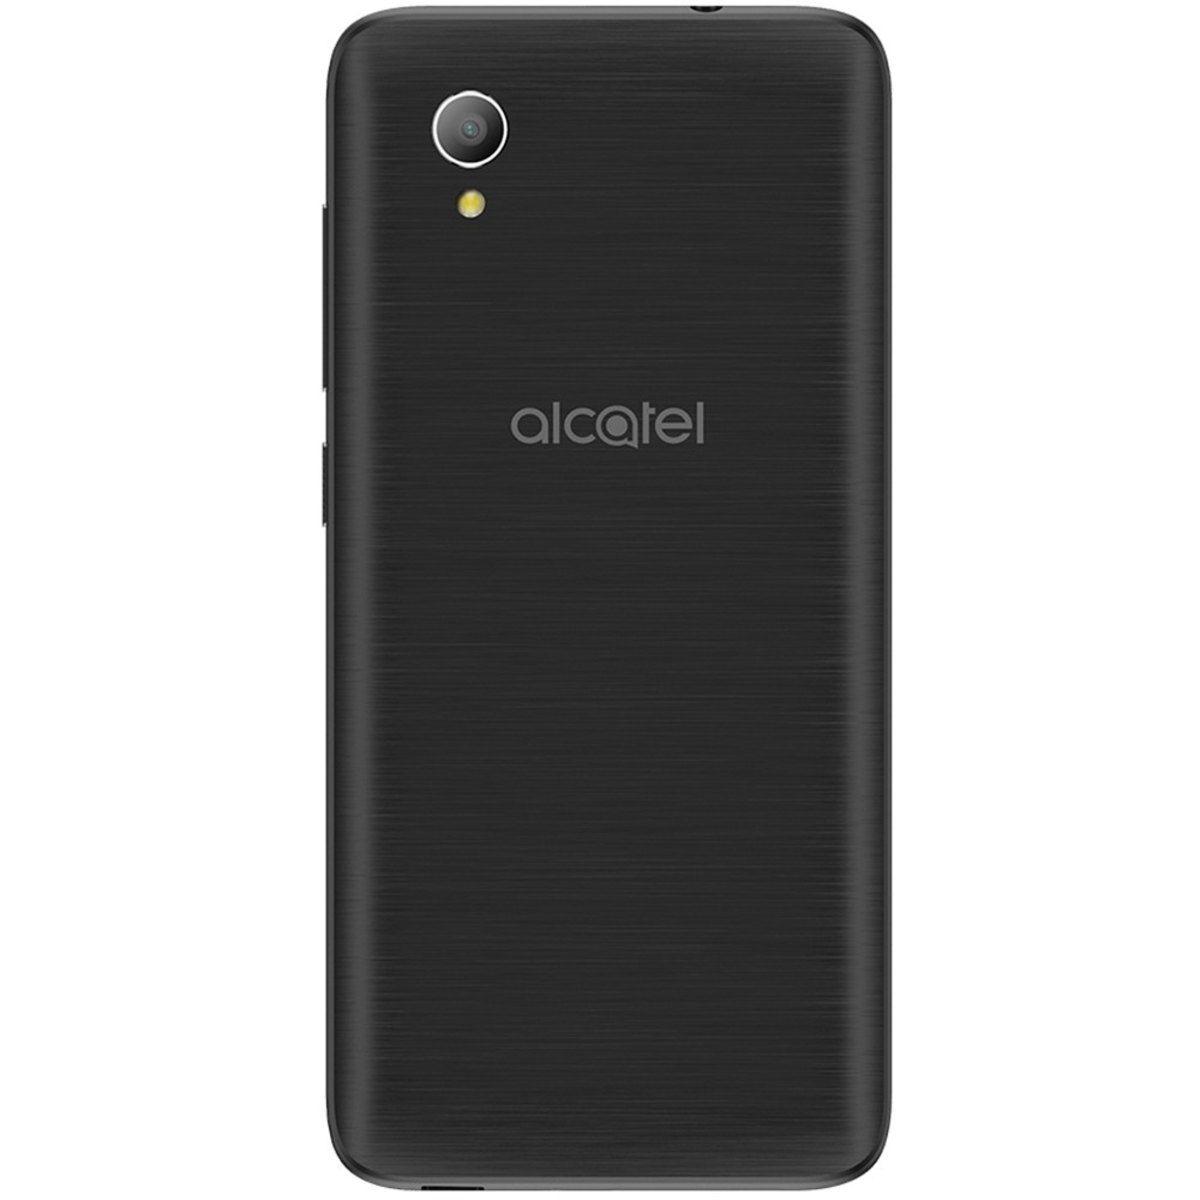 """Smartphone Alcatel 1 5033J, Tela de 5"""", Android Oreo, 8GB, 8MP Desbloqueado - Preto"""